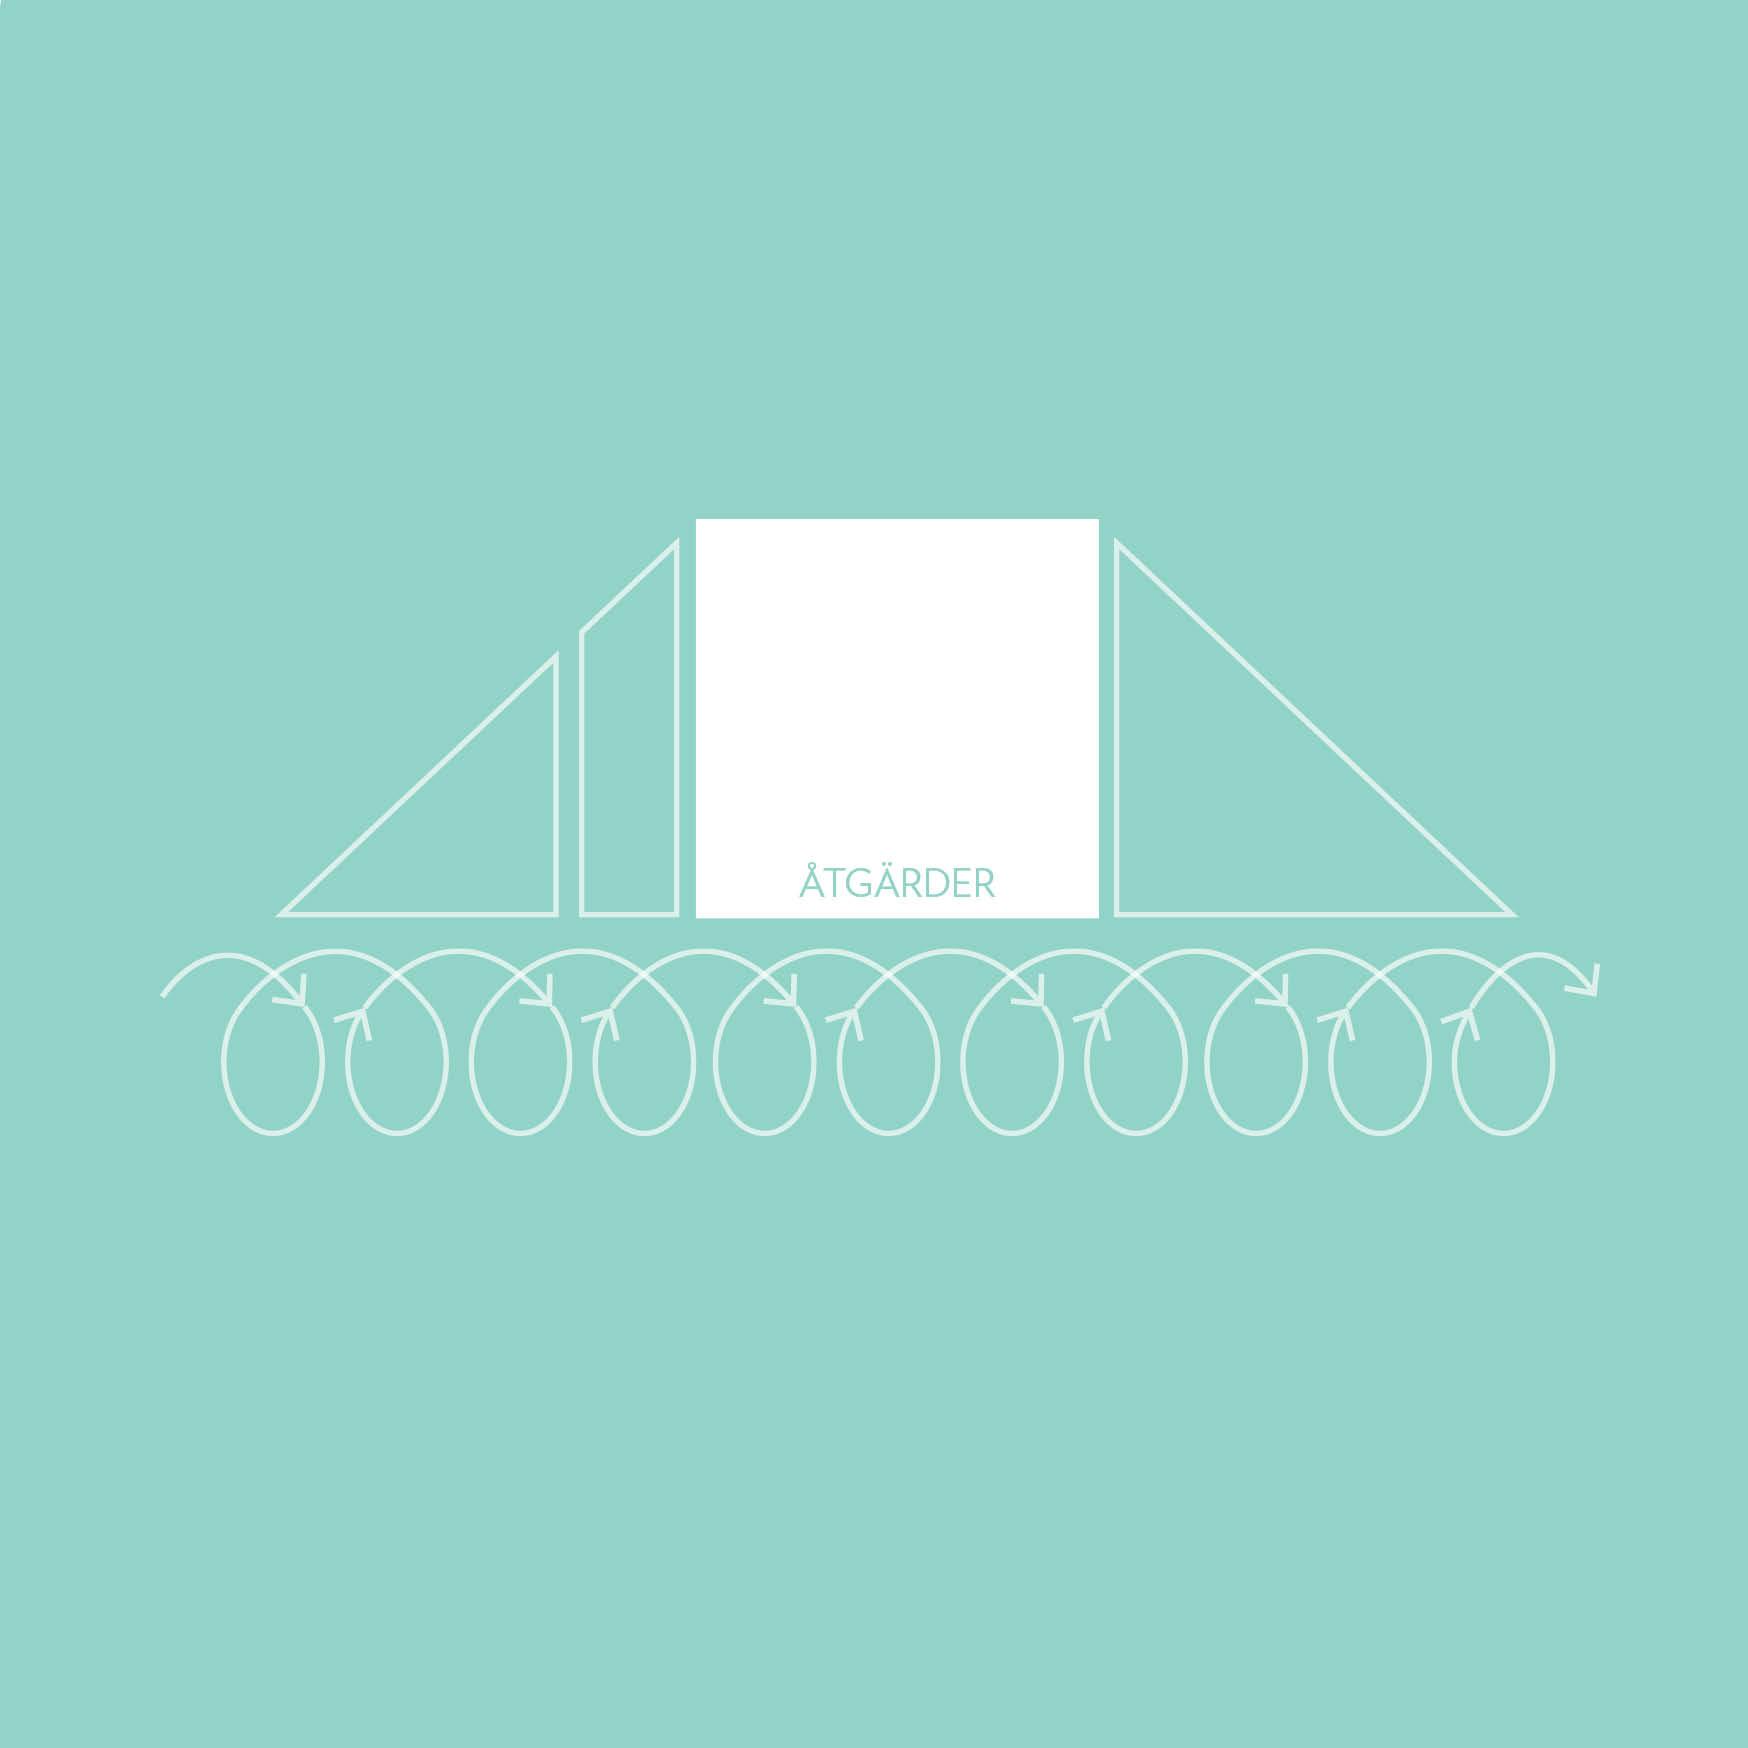 åtgärderschemat_12-insikter-för-en-socialt-hållbar-planering_160620-web